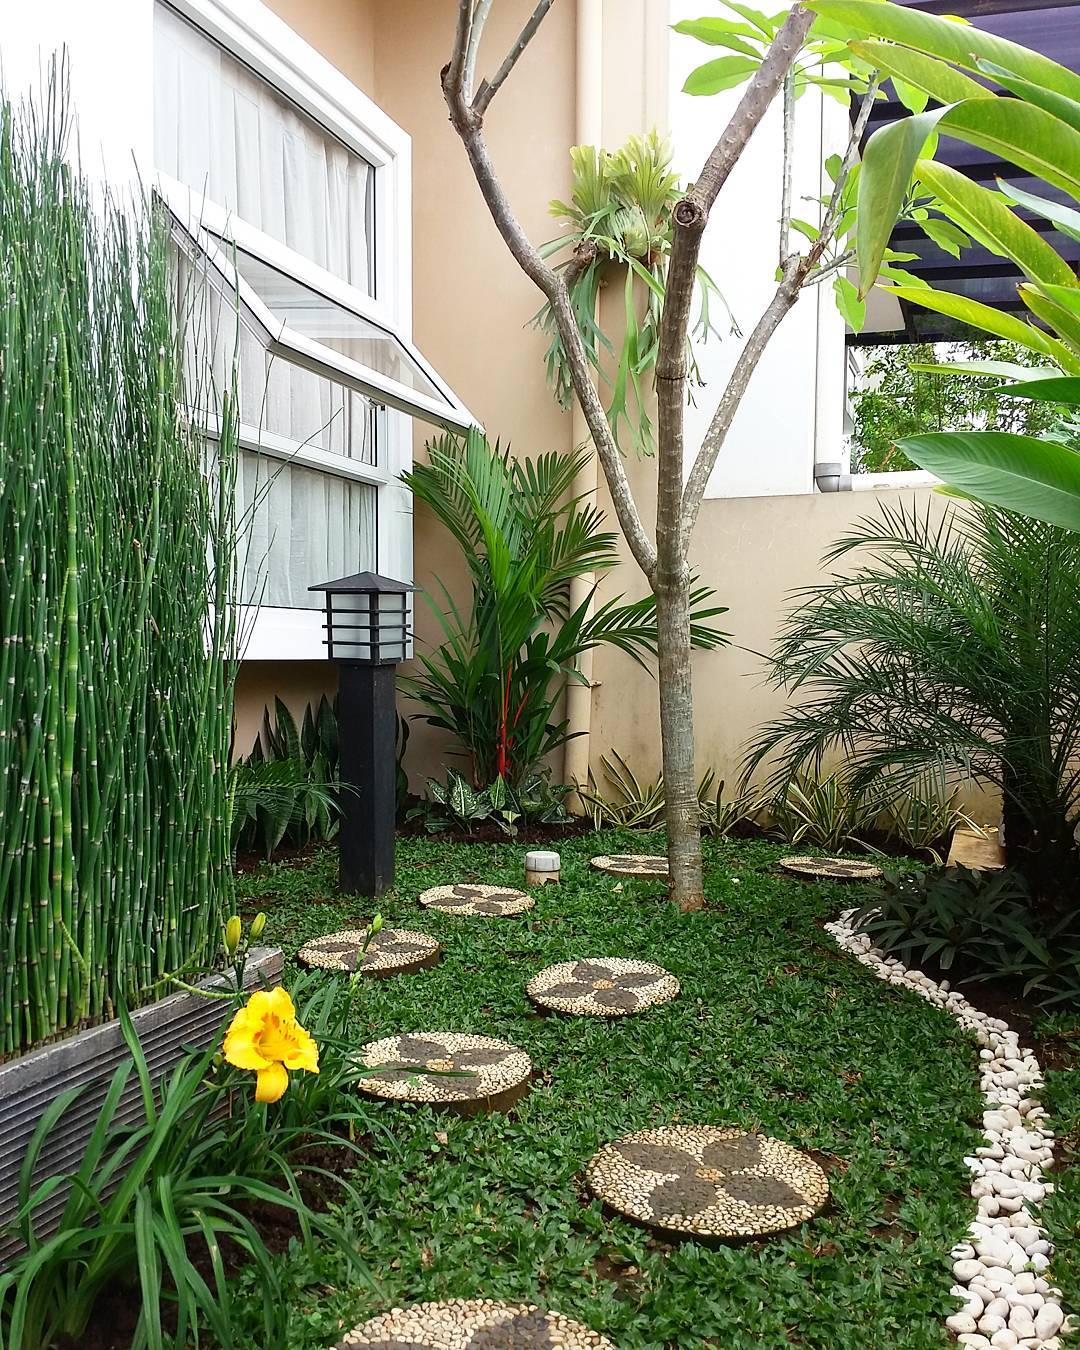 Desain-Taman-Minimalis-Depan-Rumah-Taman-Depan-Rumah-Minimalis-Lahan